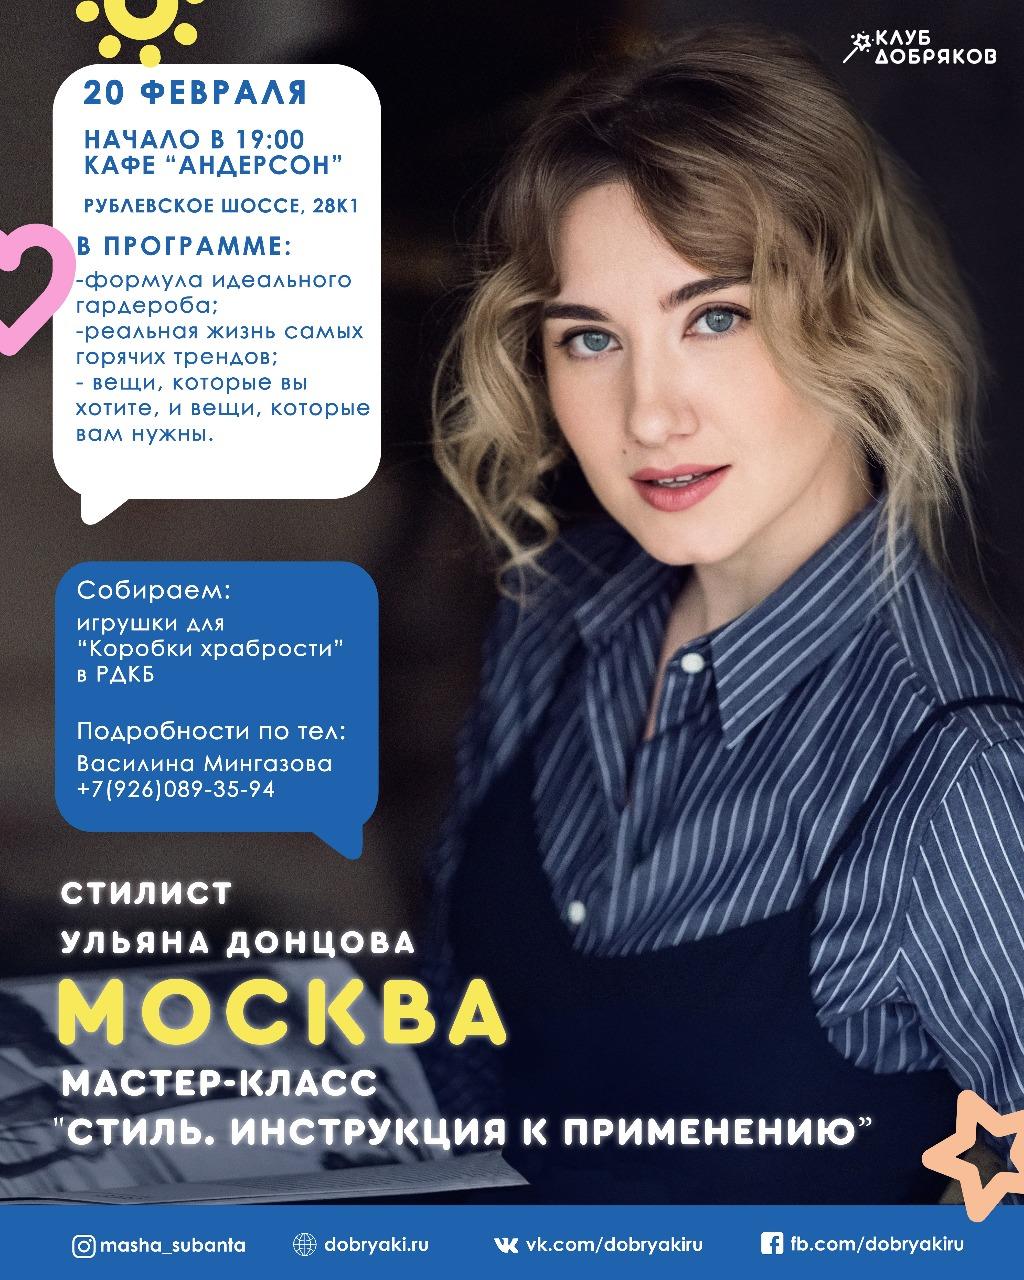 Мастер-класс стилиста Ульяны Донцовой